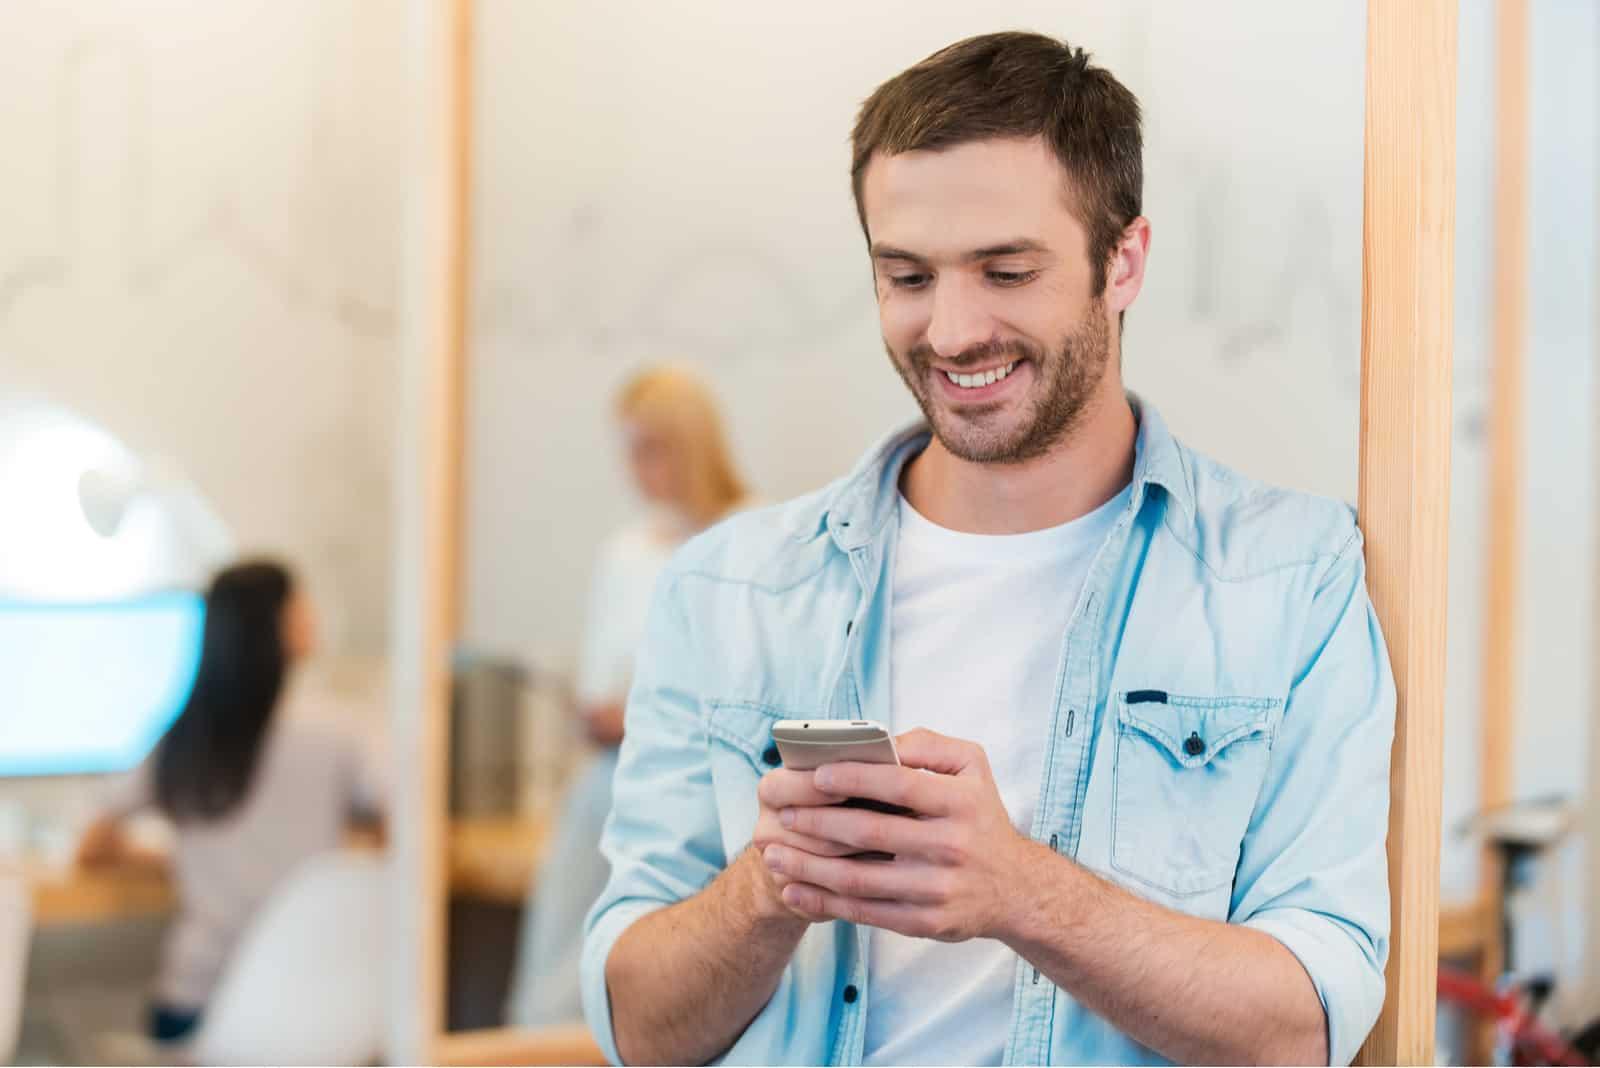 un homme souriant debout appuyé contre un mur et appuyant sur un bouton du téléphone